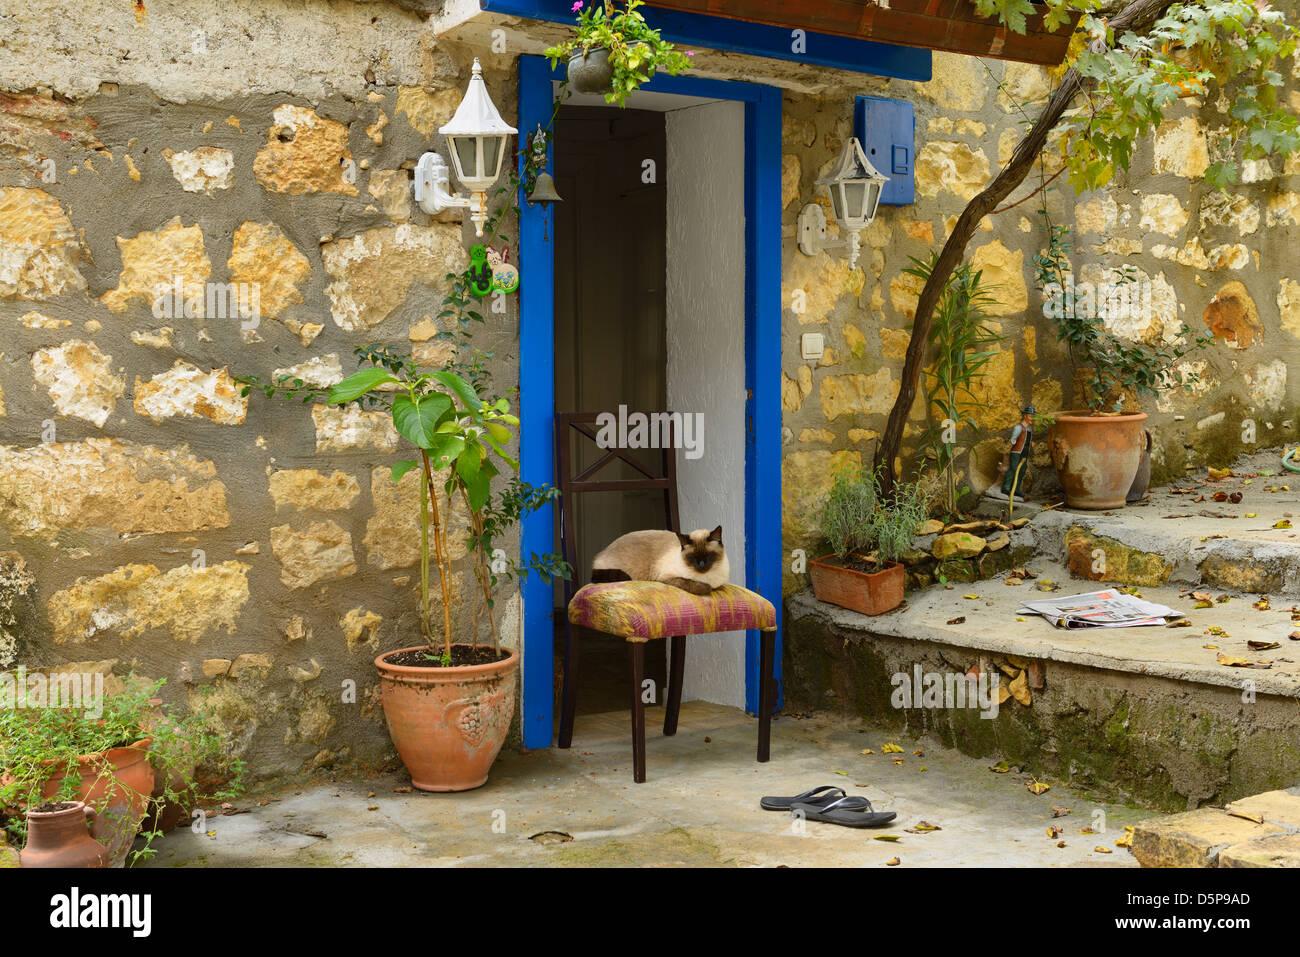 siamesische katze auf stuhl in der t r von haus aus stein im hillside dorf yesilyurt t rkei. Black Bedroom Furniture Sets. Home Design Ideas